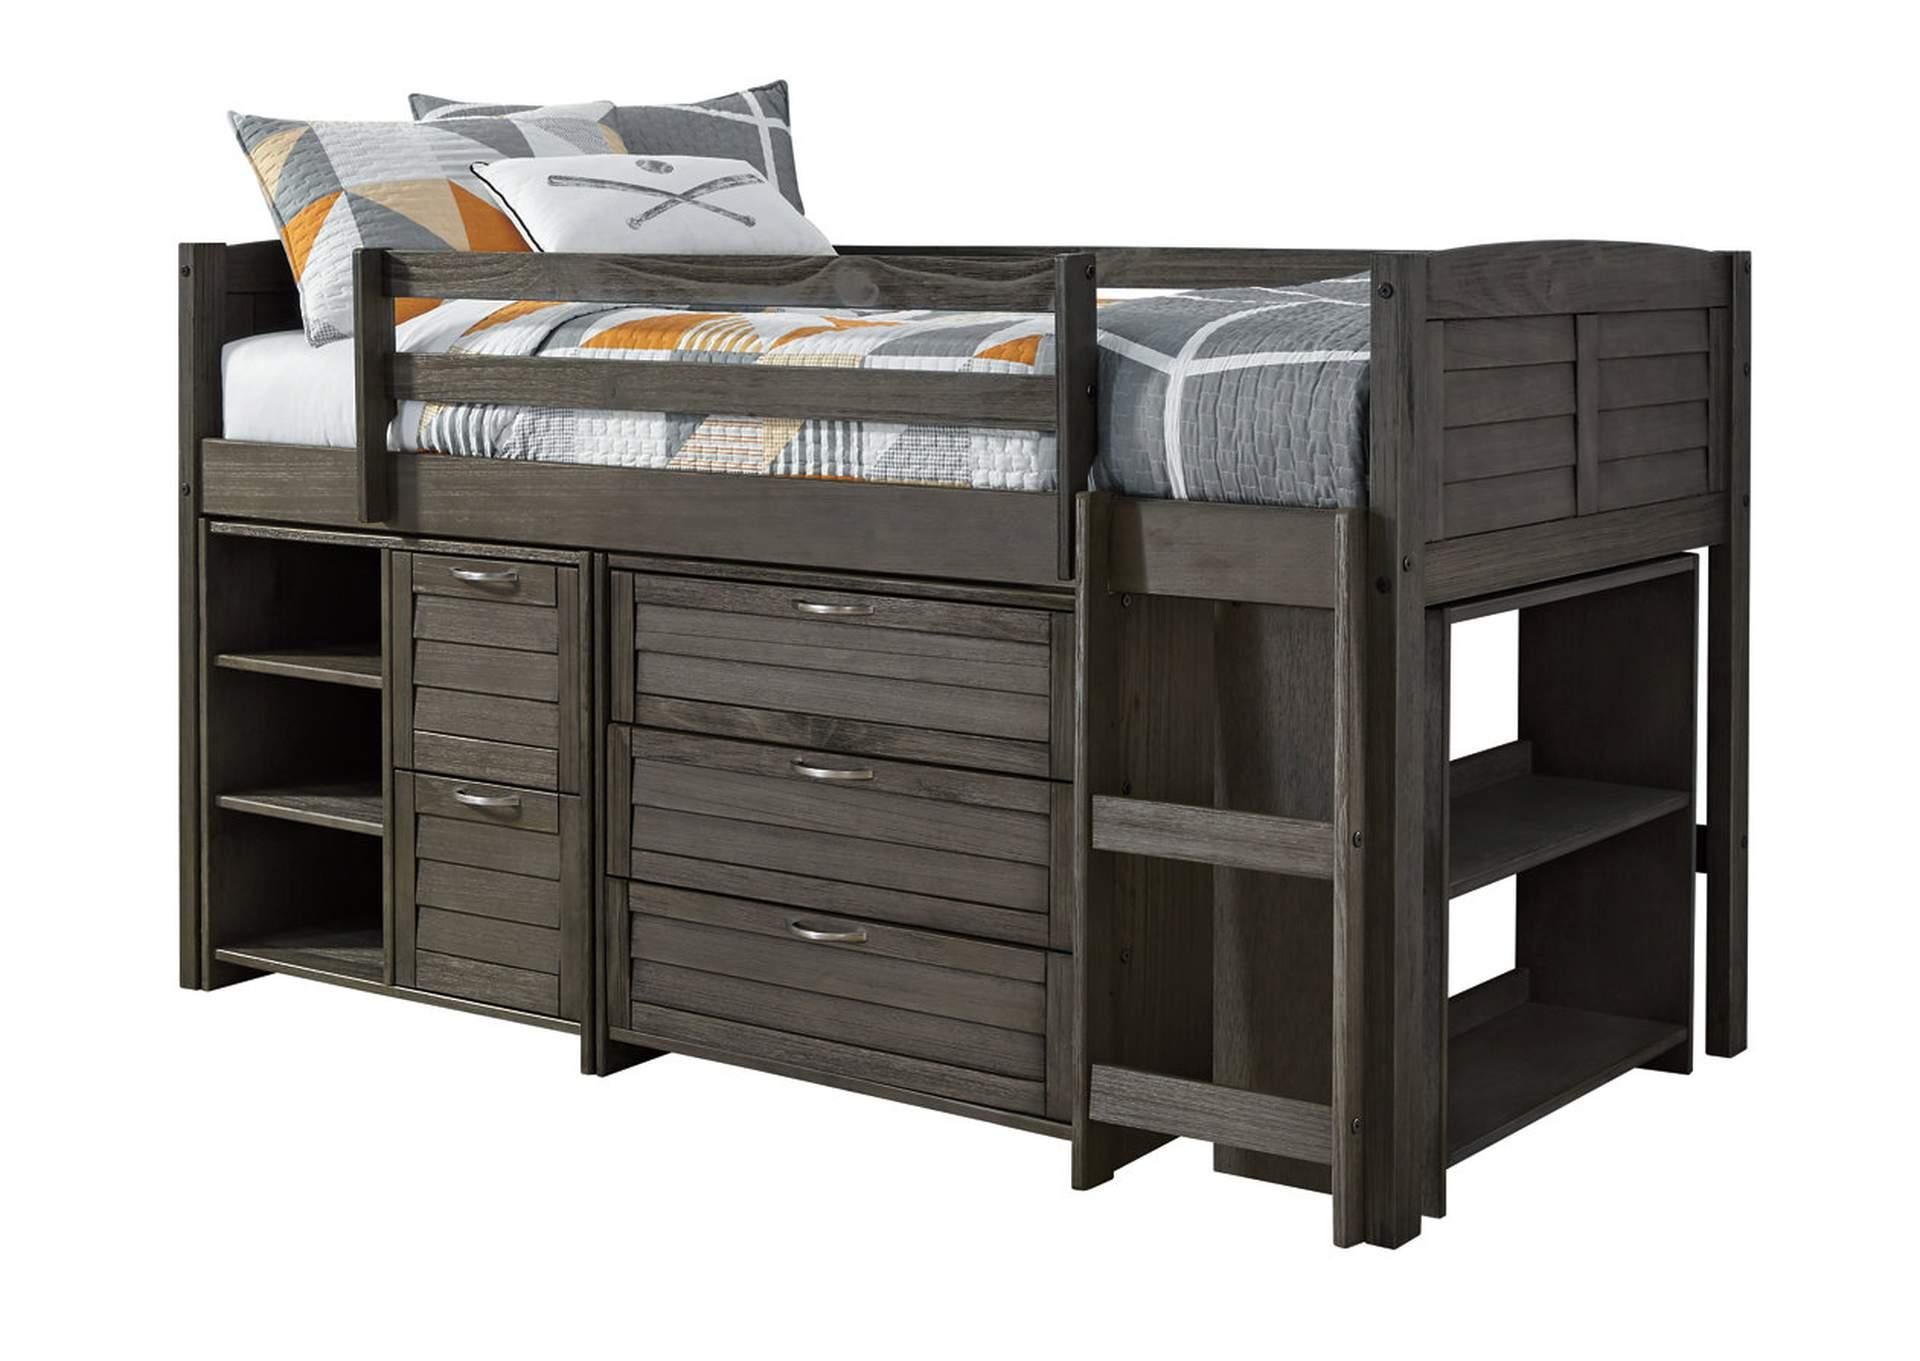 Caitbrook Twin Loft Bed w/Storages